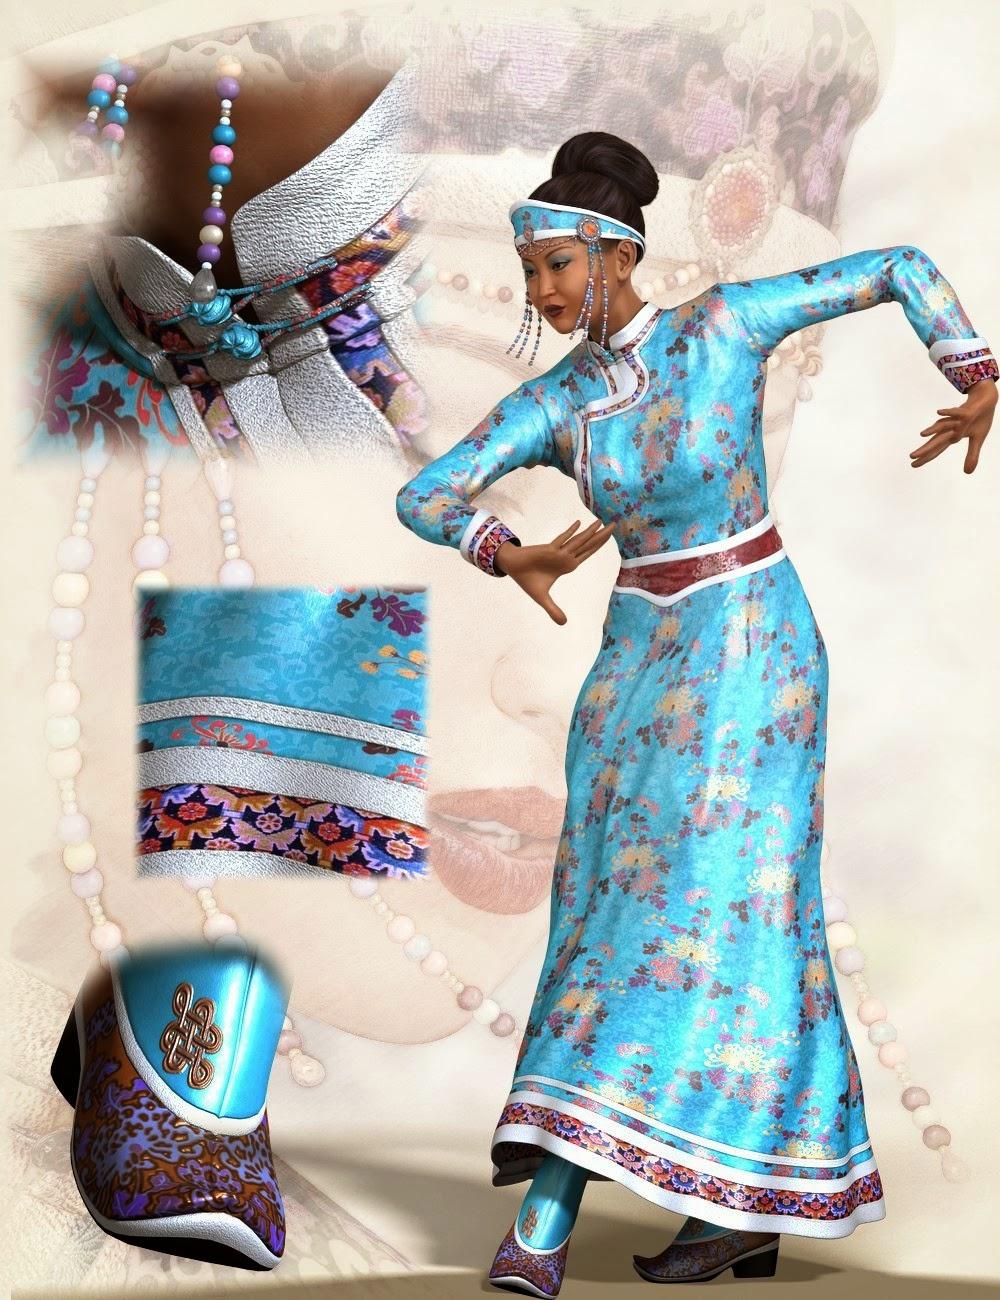 Beauté-vêtements mongols